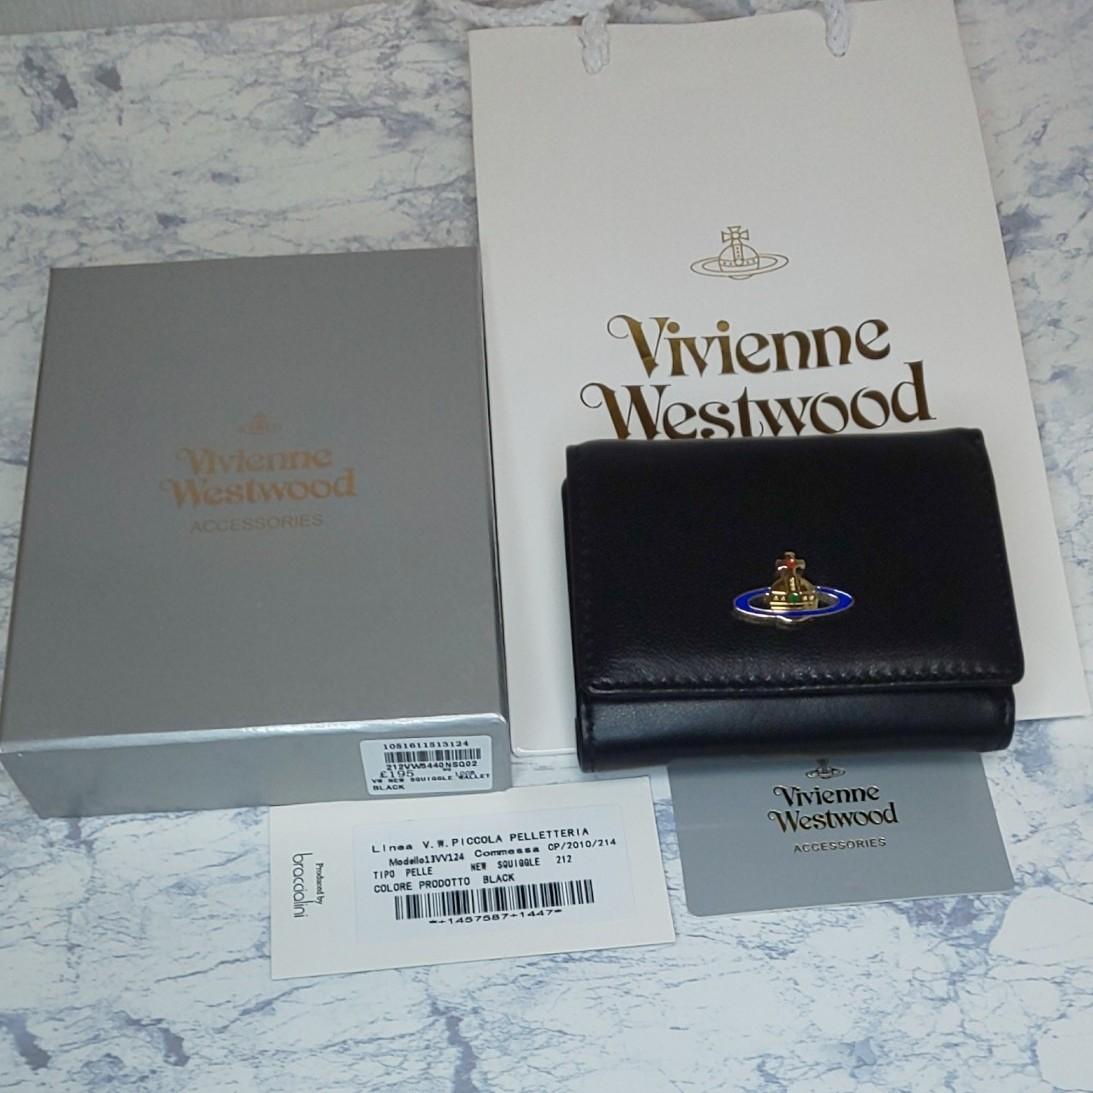 ヴィヴィアン ウエストウッド Vivienne Westwood  3つ折り財布 ブラック パスケース コンパクト財布 新品未使用